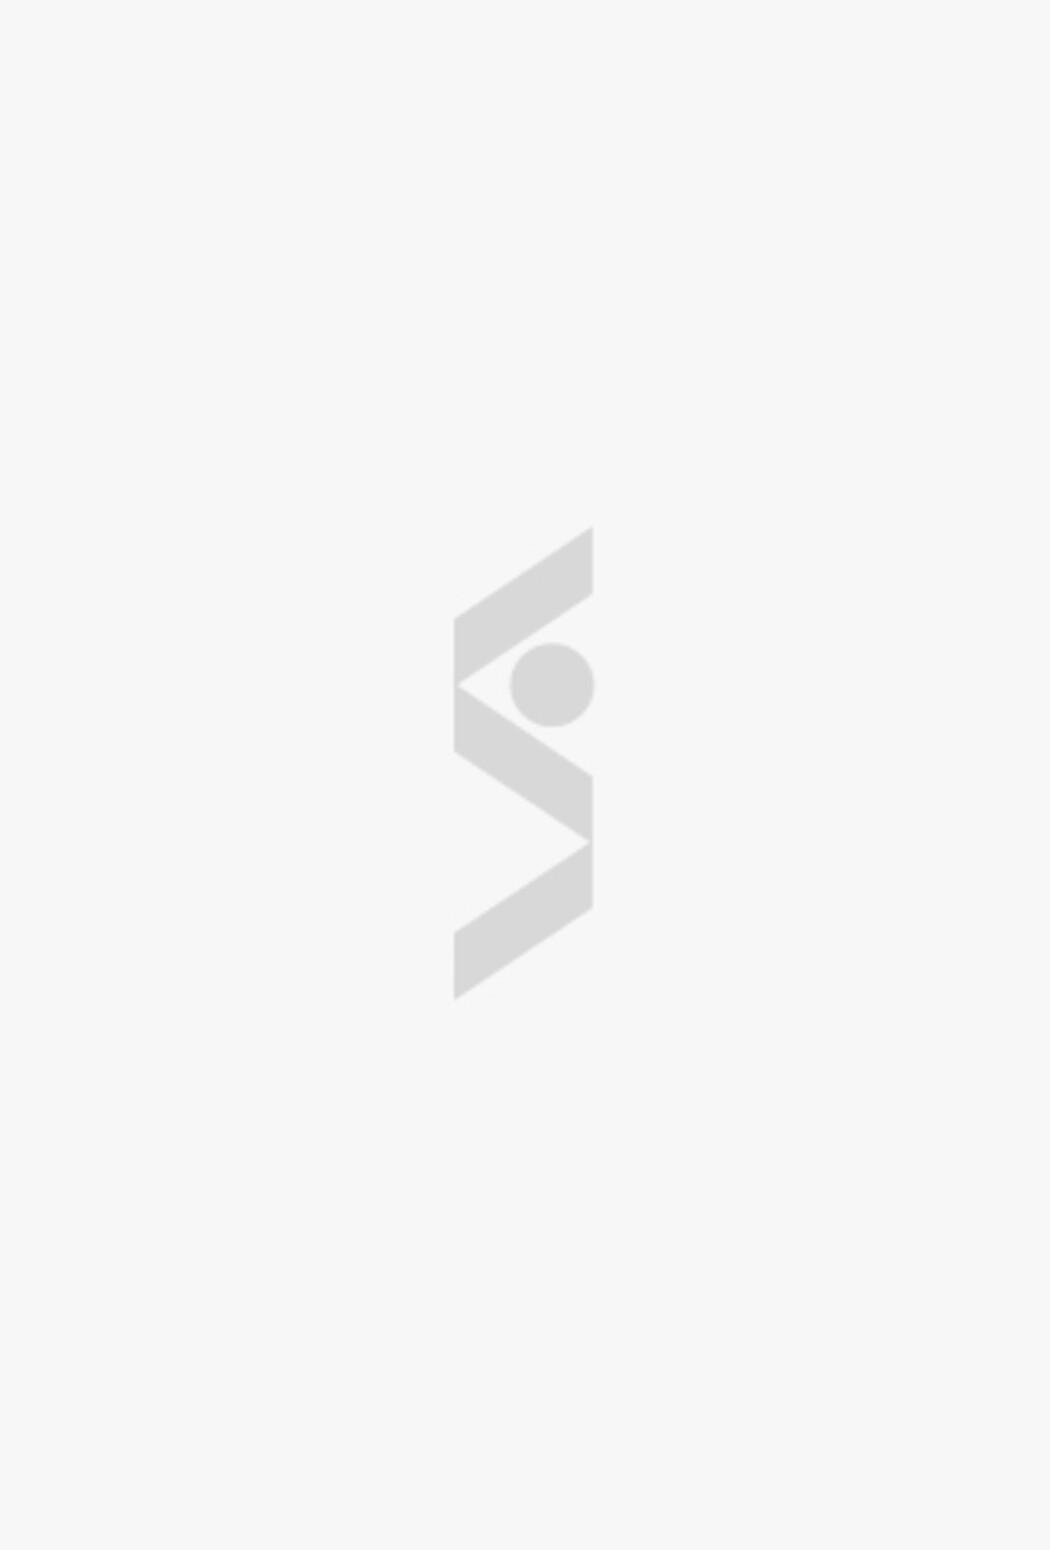 Утепленная парка с меховой отделкой Alessandro Borelli - цена 6990 ₽ купить в интернет-магазине СТОКМАНН в Москве BAFC85AF-910D-4DEB-A33F-6FEB126D97E3